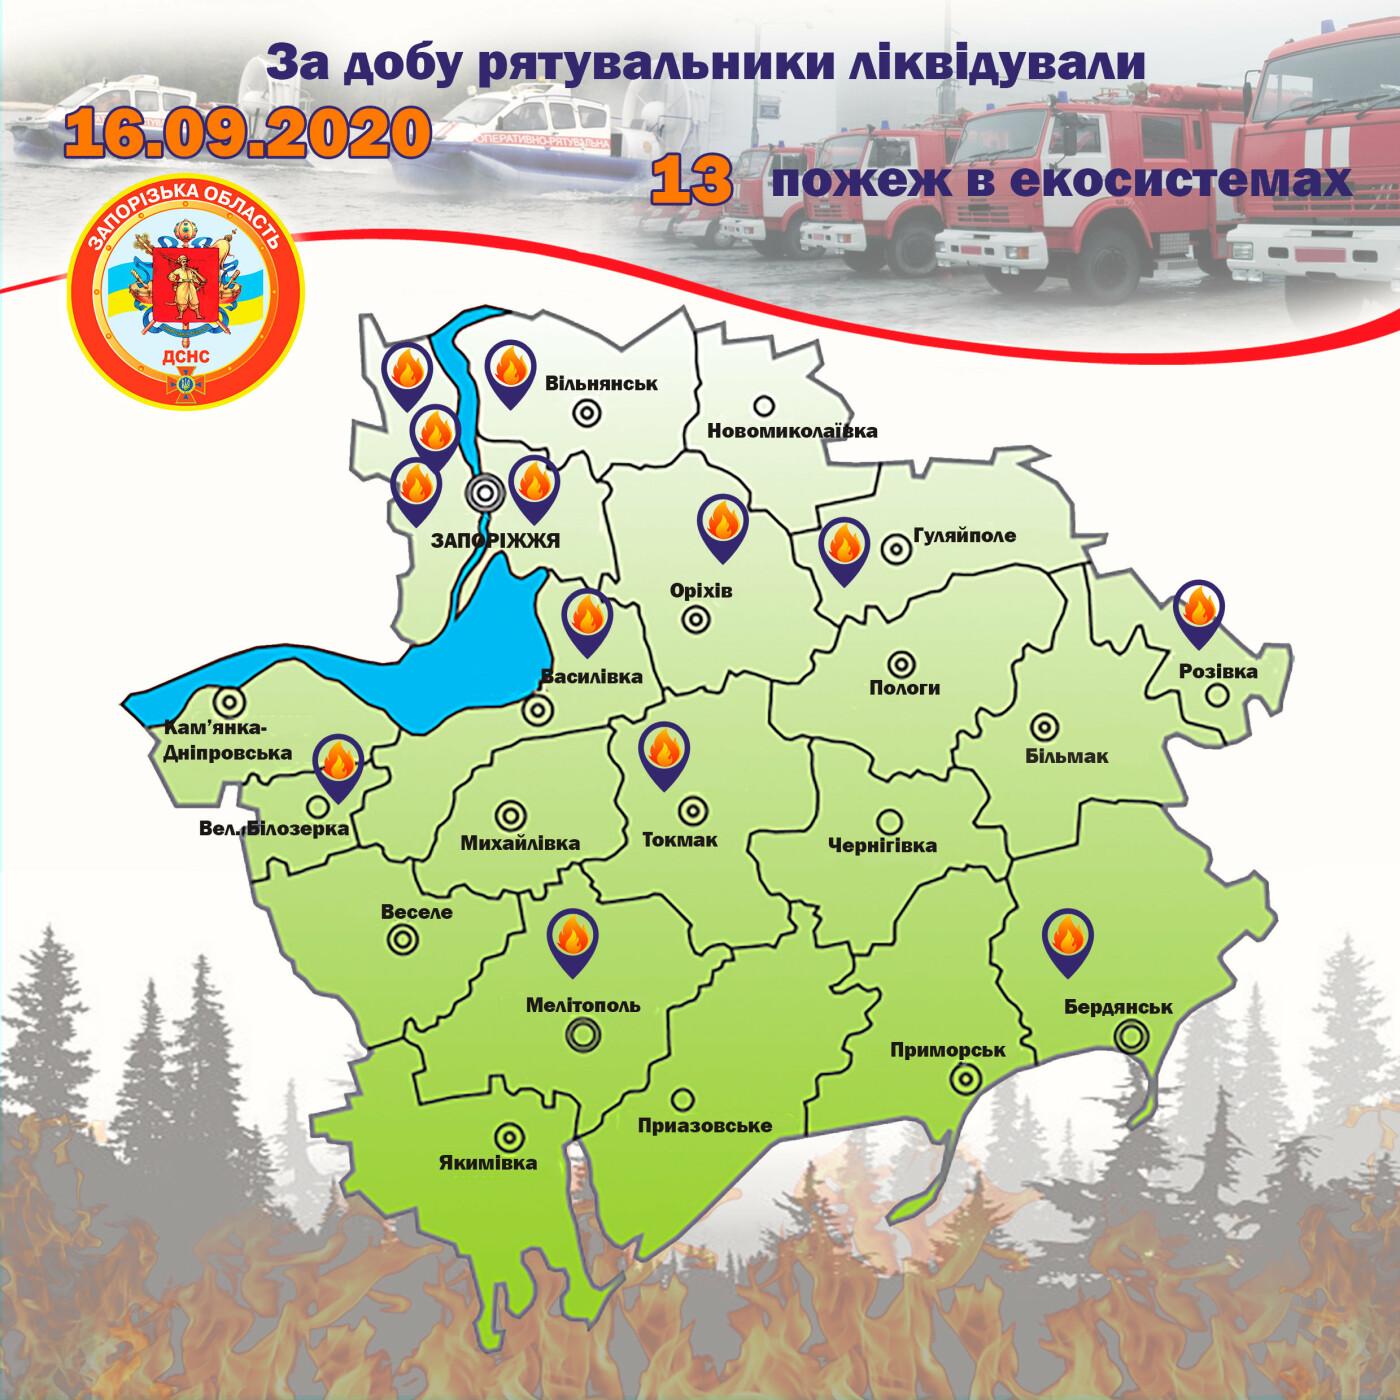 За сутки пожары уничтожили экосистемы Запорожской области  на площади в 4 футбольных поля, фото-1